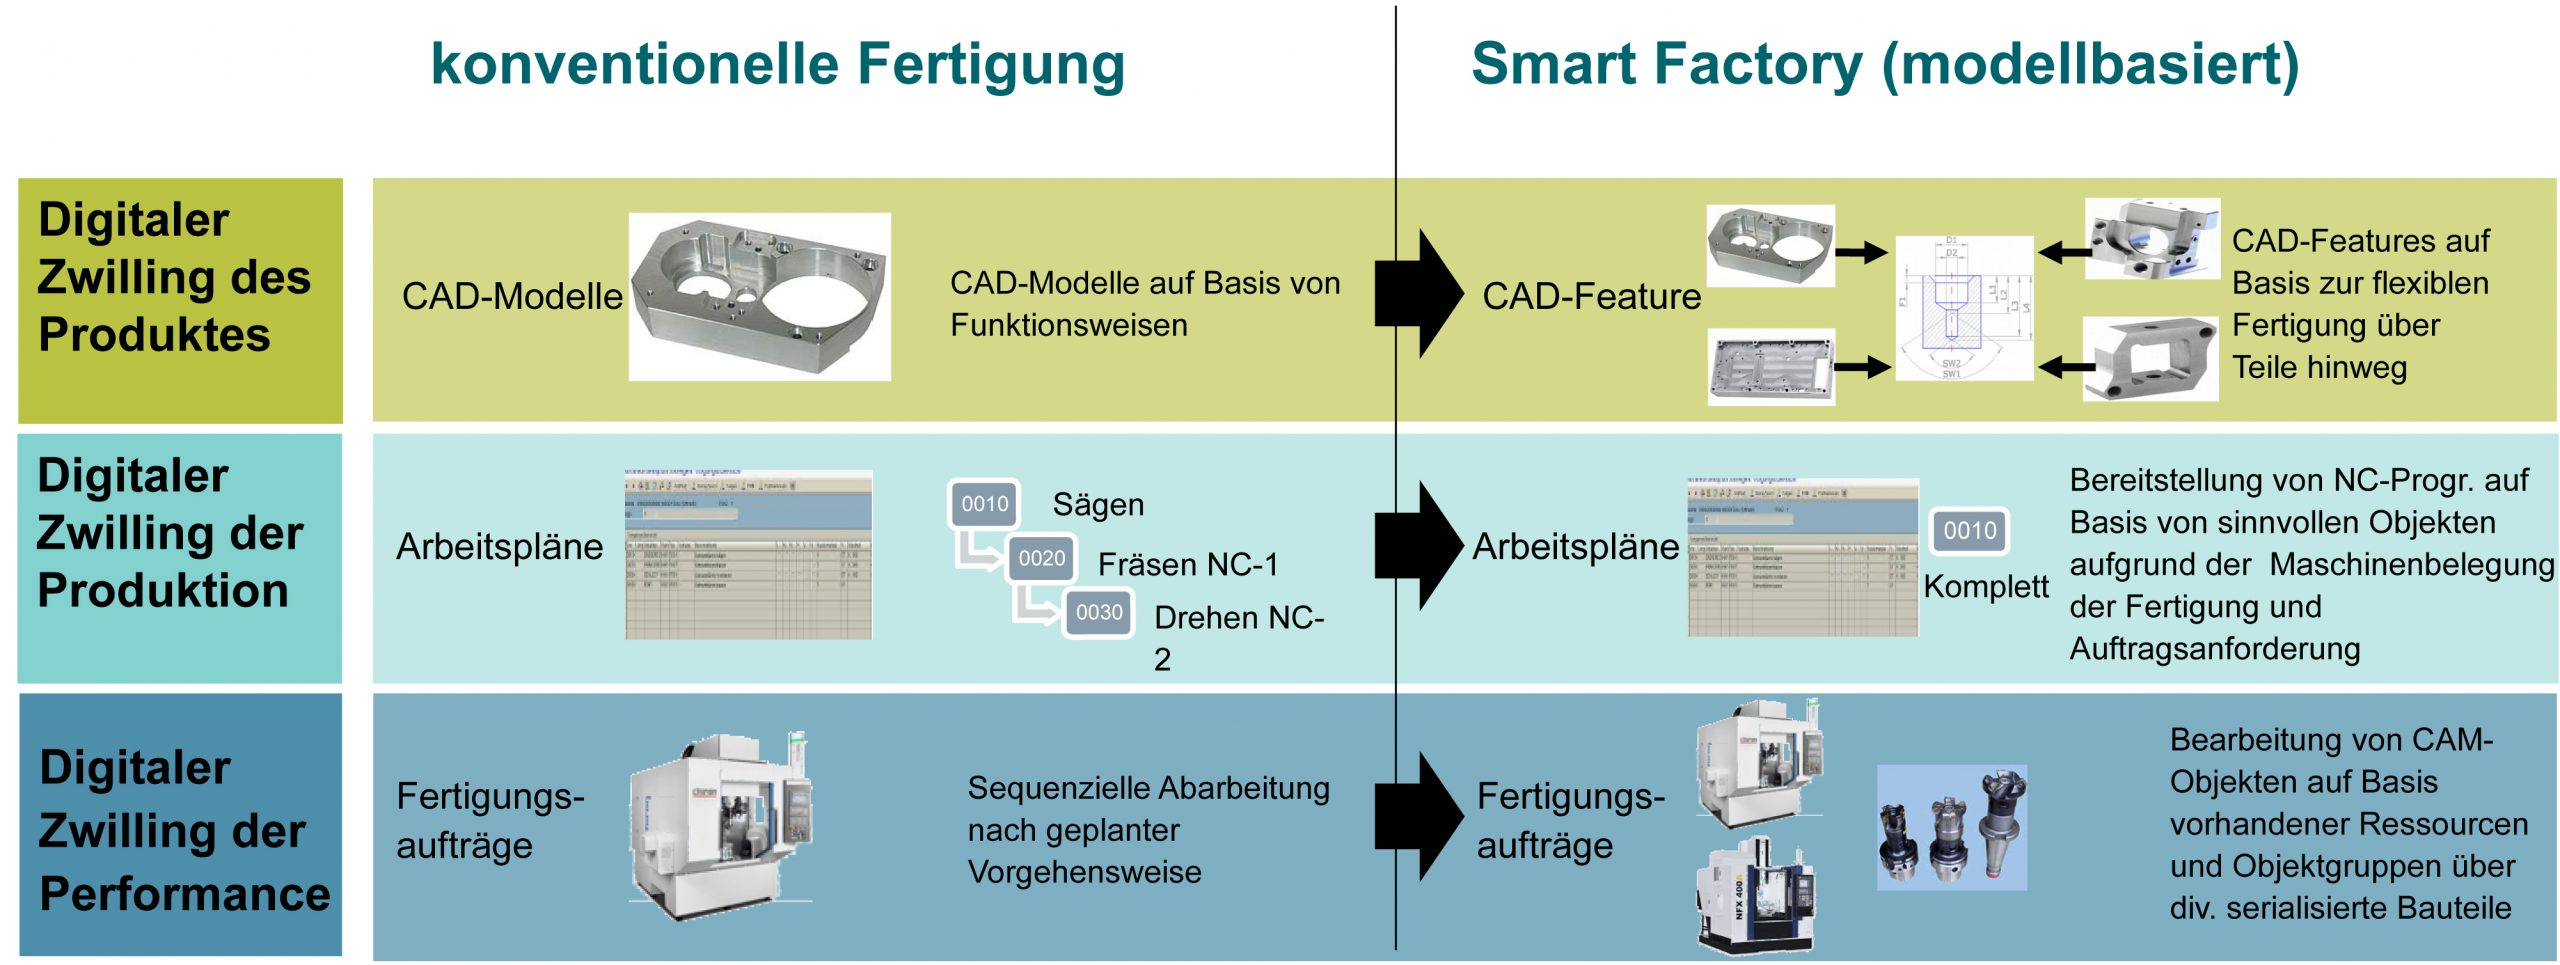 Konventionelle und modellbasierte Fertigung (Bild: Siemens Industry Software GmbH)